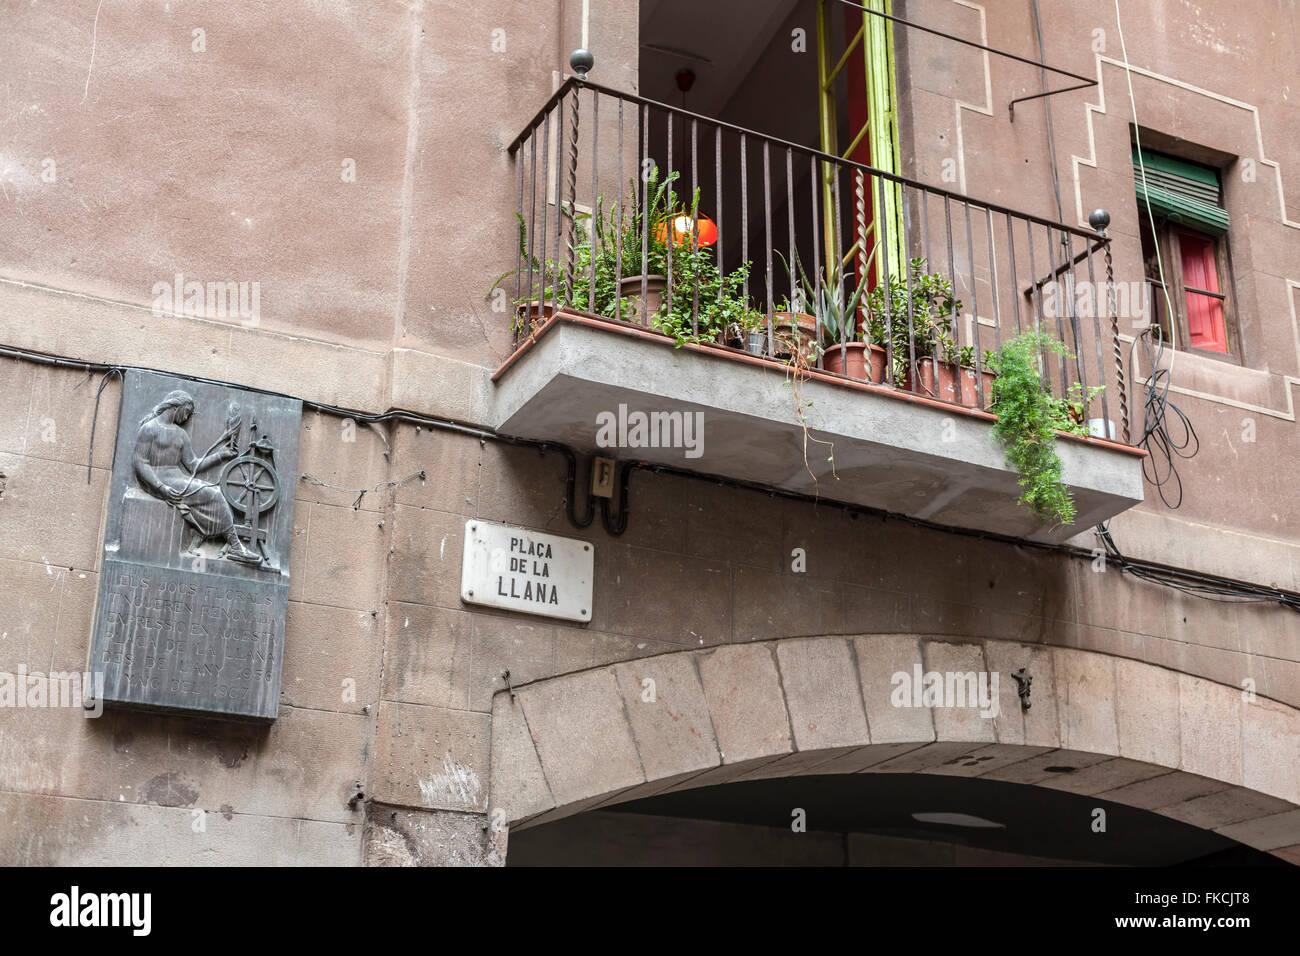 Plaça de la Llana, barrio de la Ribera, Barcelona. - Stock Image